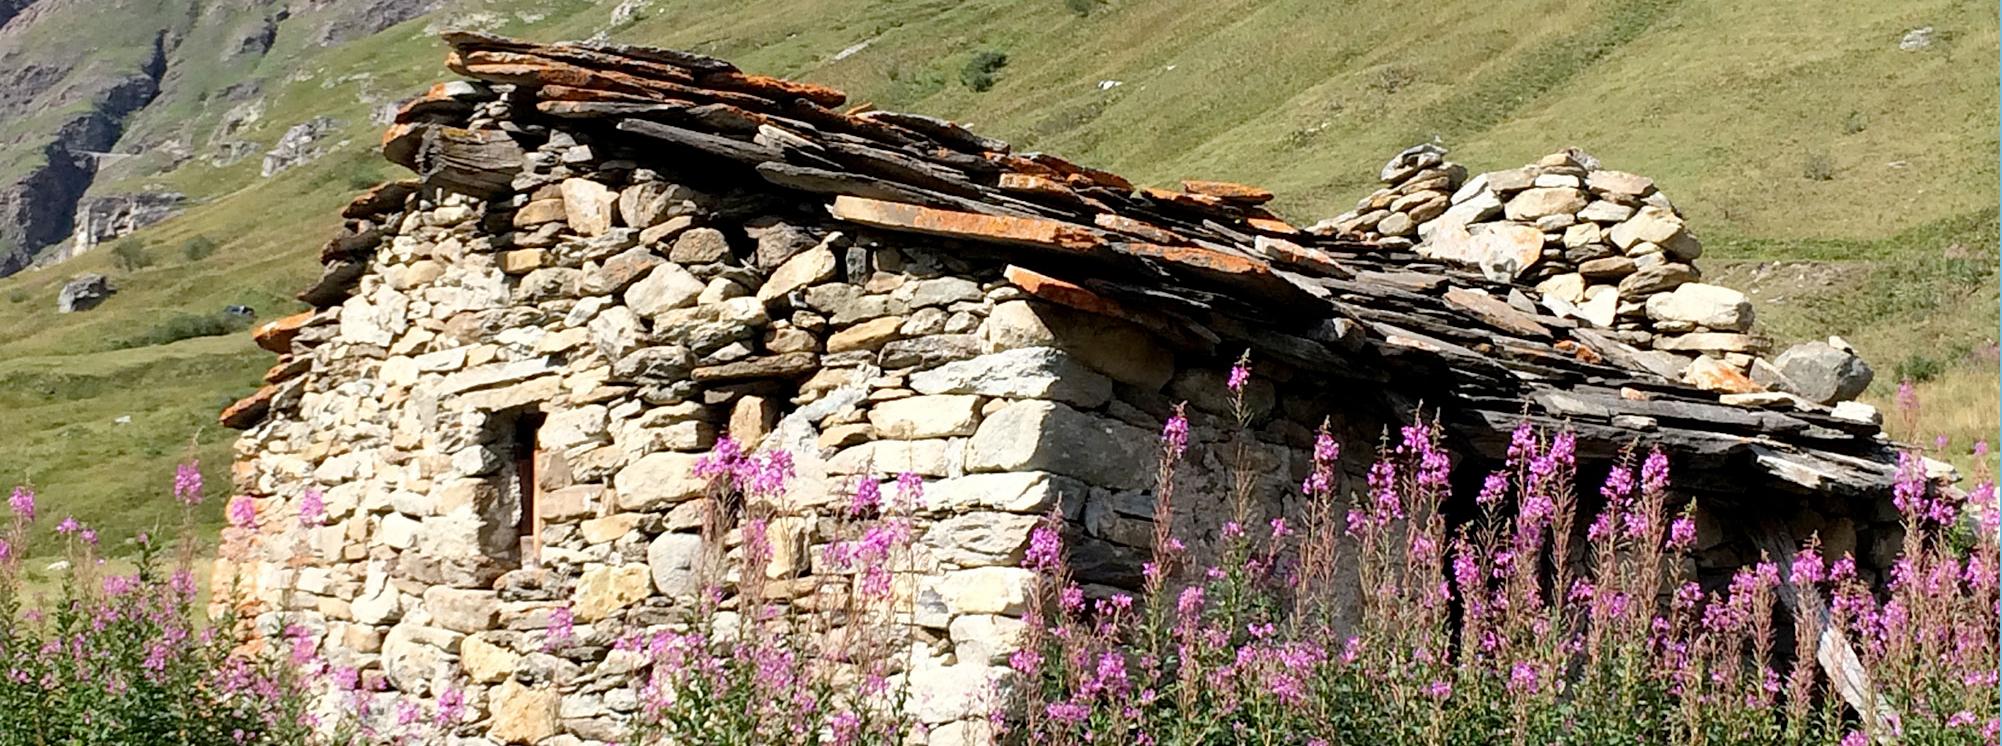 Maison_montagne